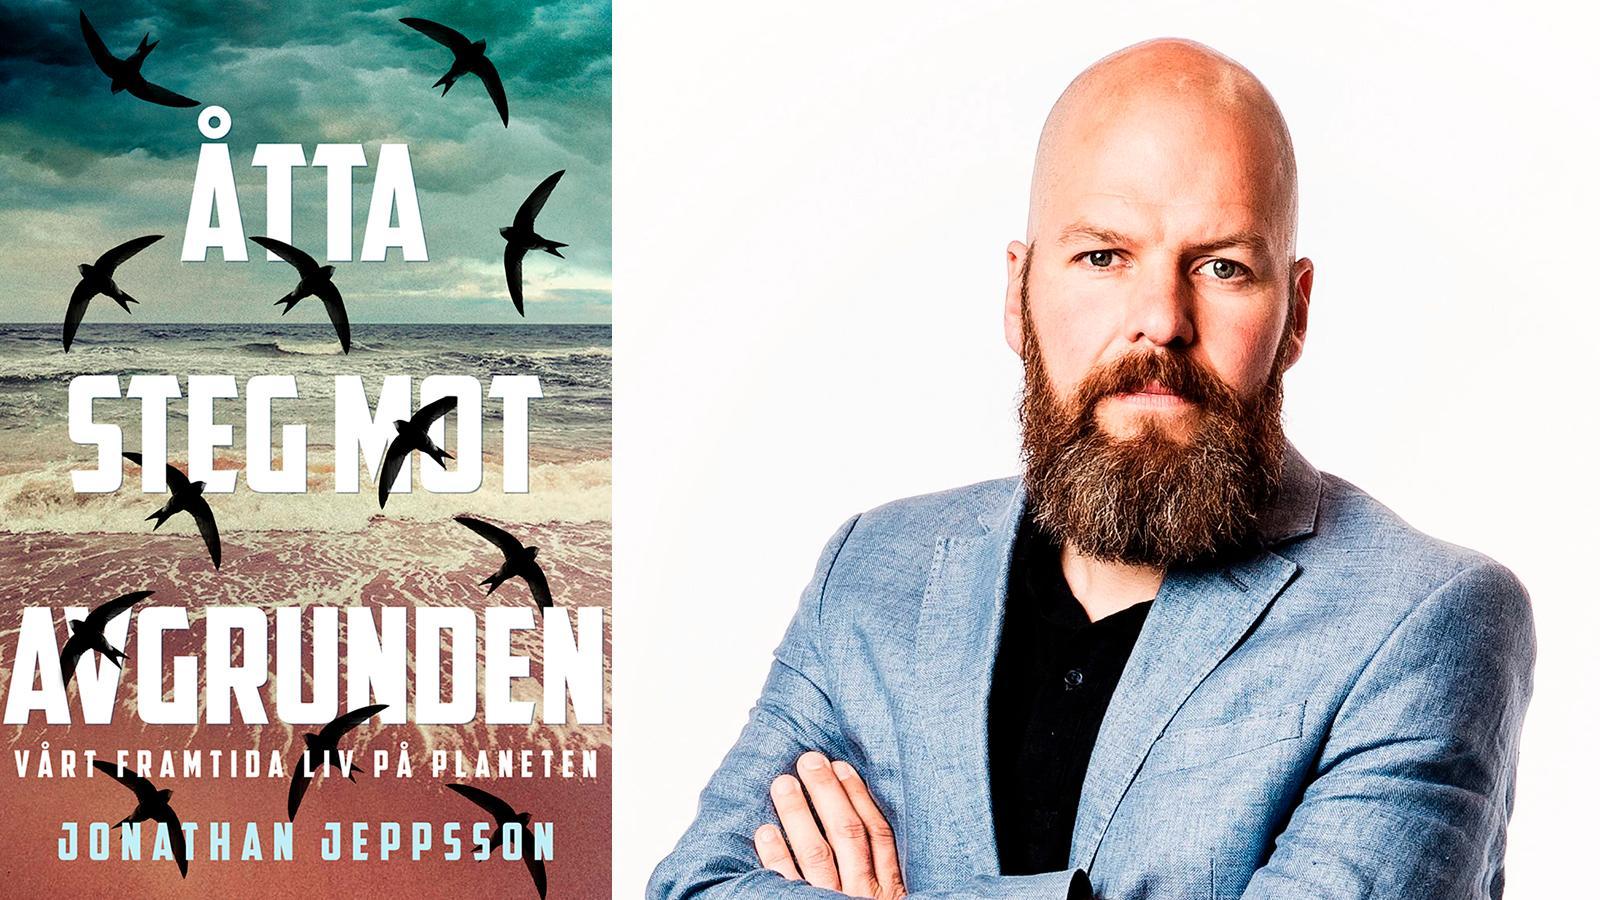 """""""Jeppsson är inte ute efter pepp, tröst eller framtidstro. Han är ute efter sanningen"""" skriver Nina Björk."""